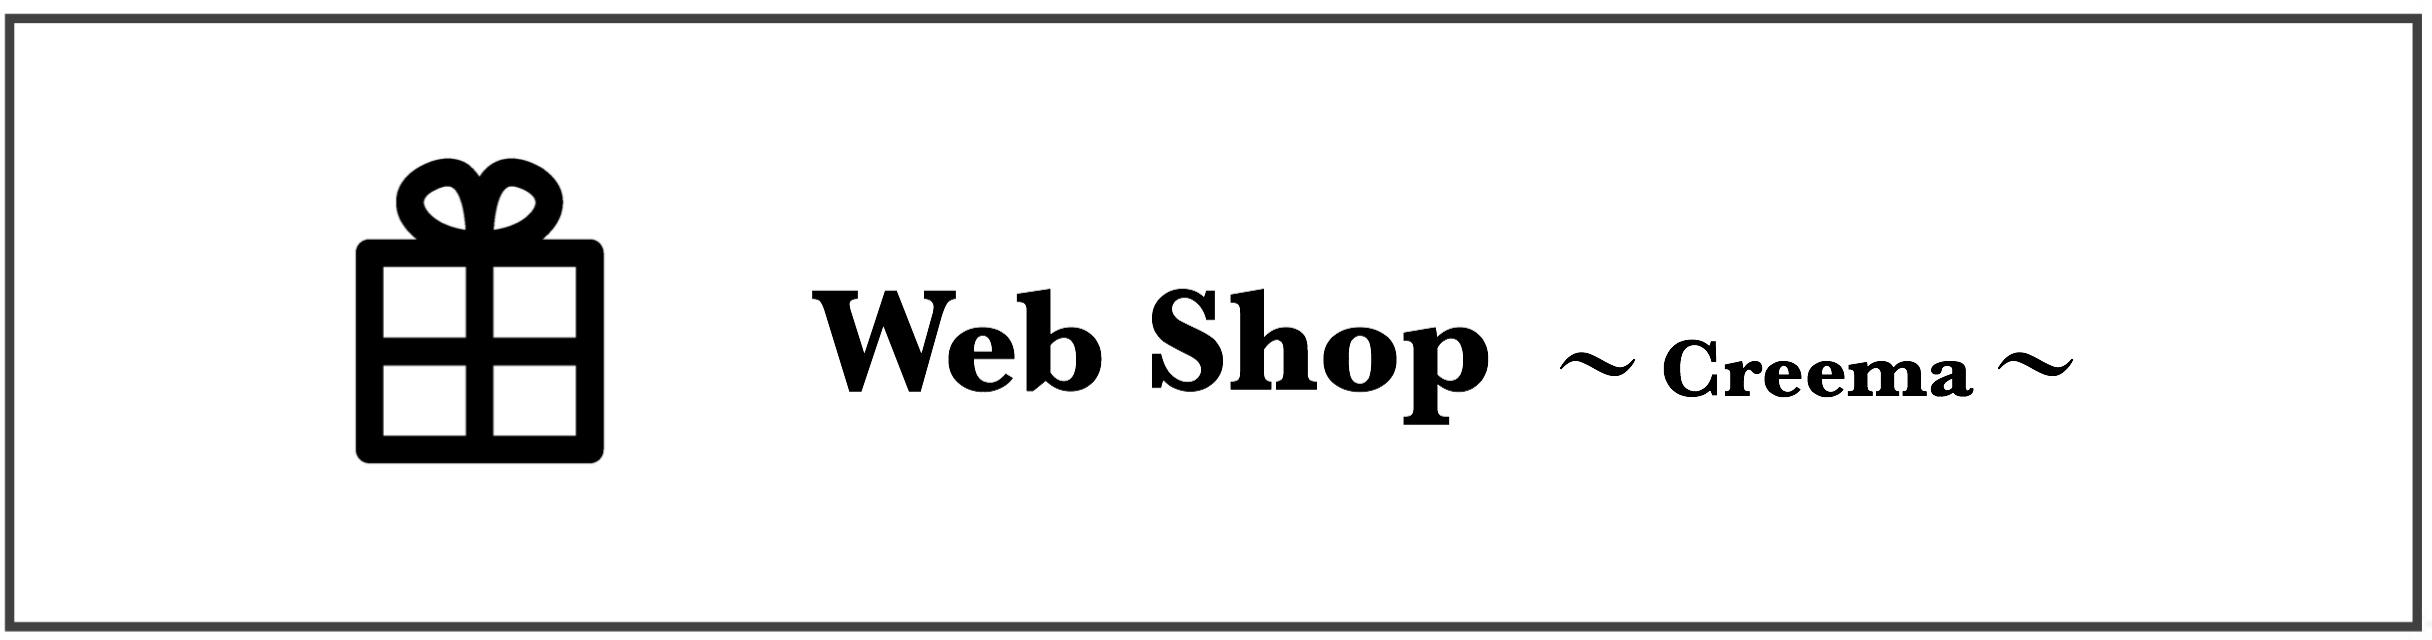 名古屋グルーデコ教室prunelle(プリュネル)のWebShop